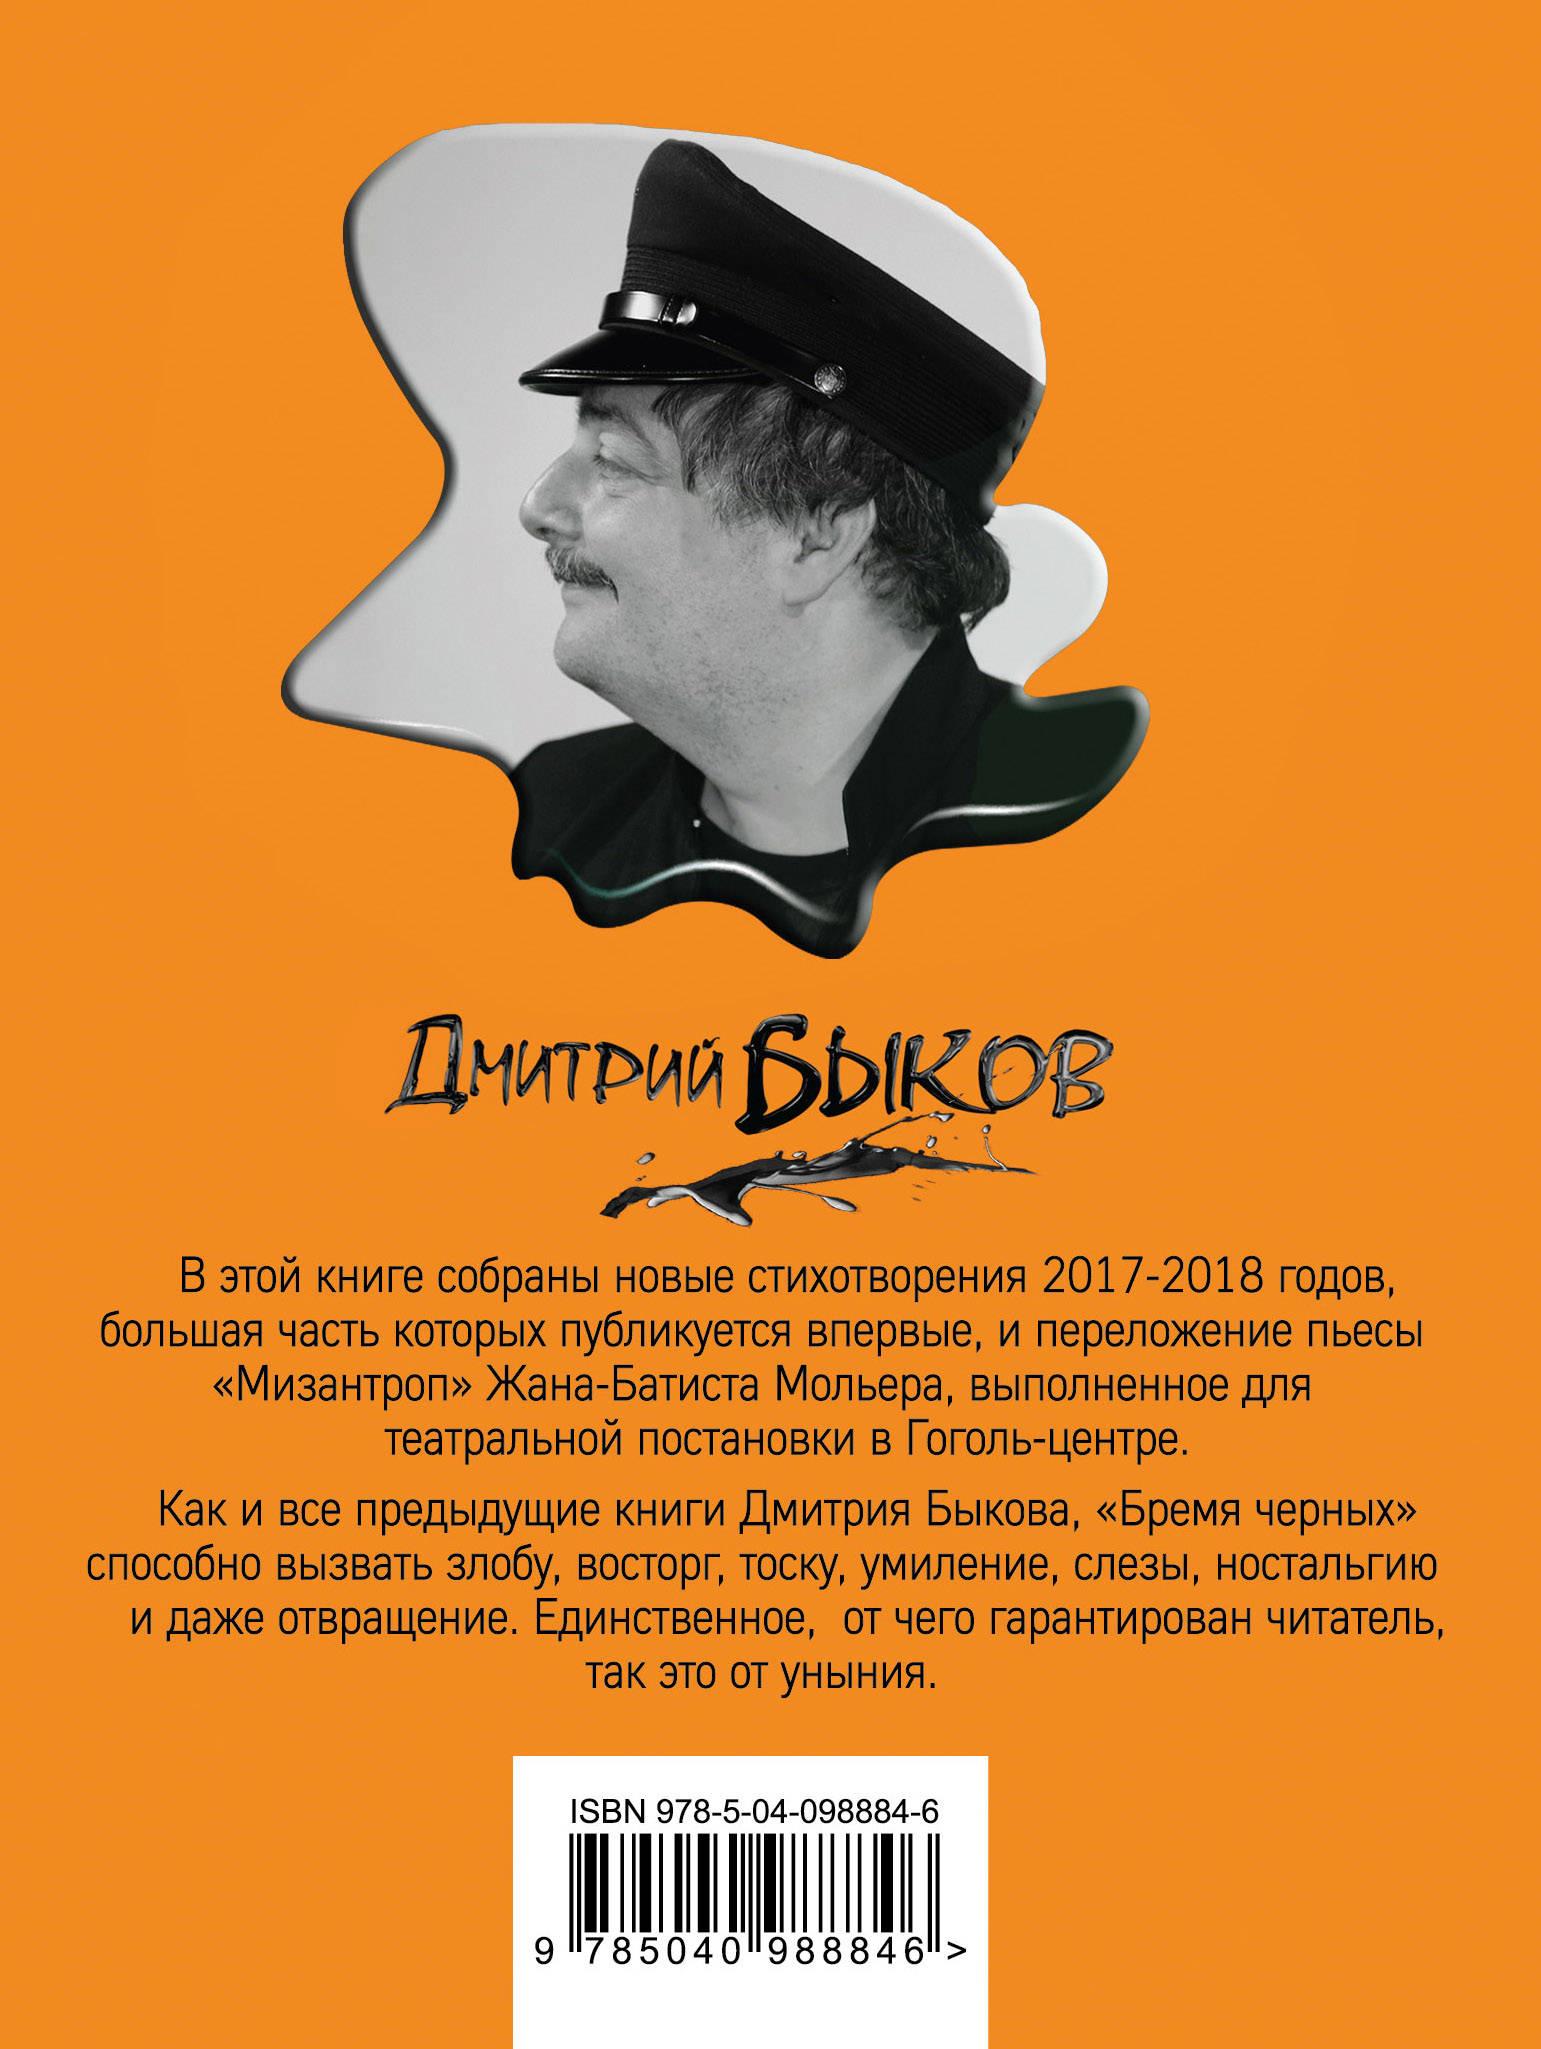 Бремя черных. Д. Л. Быков